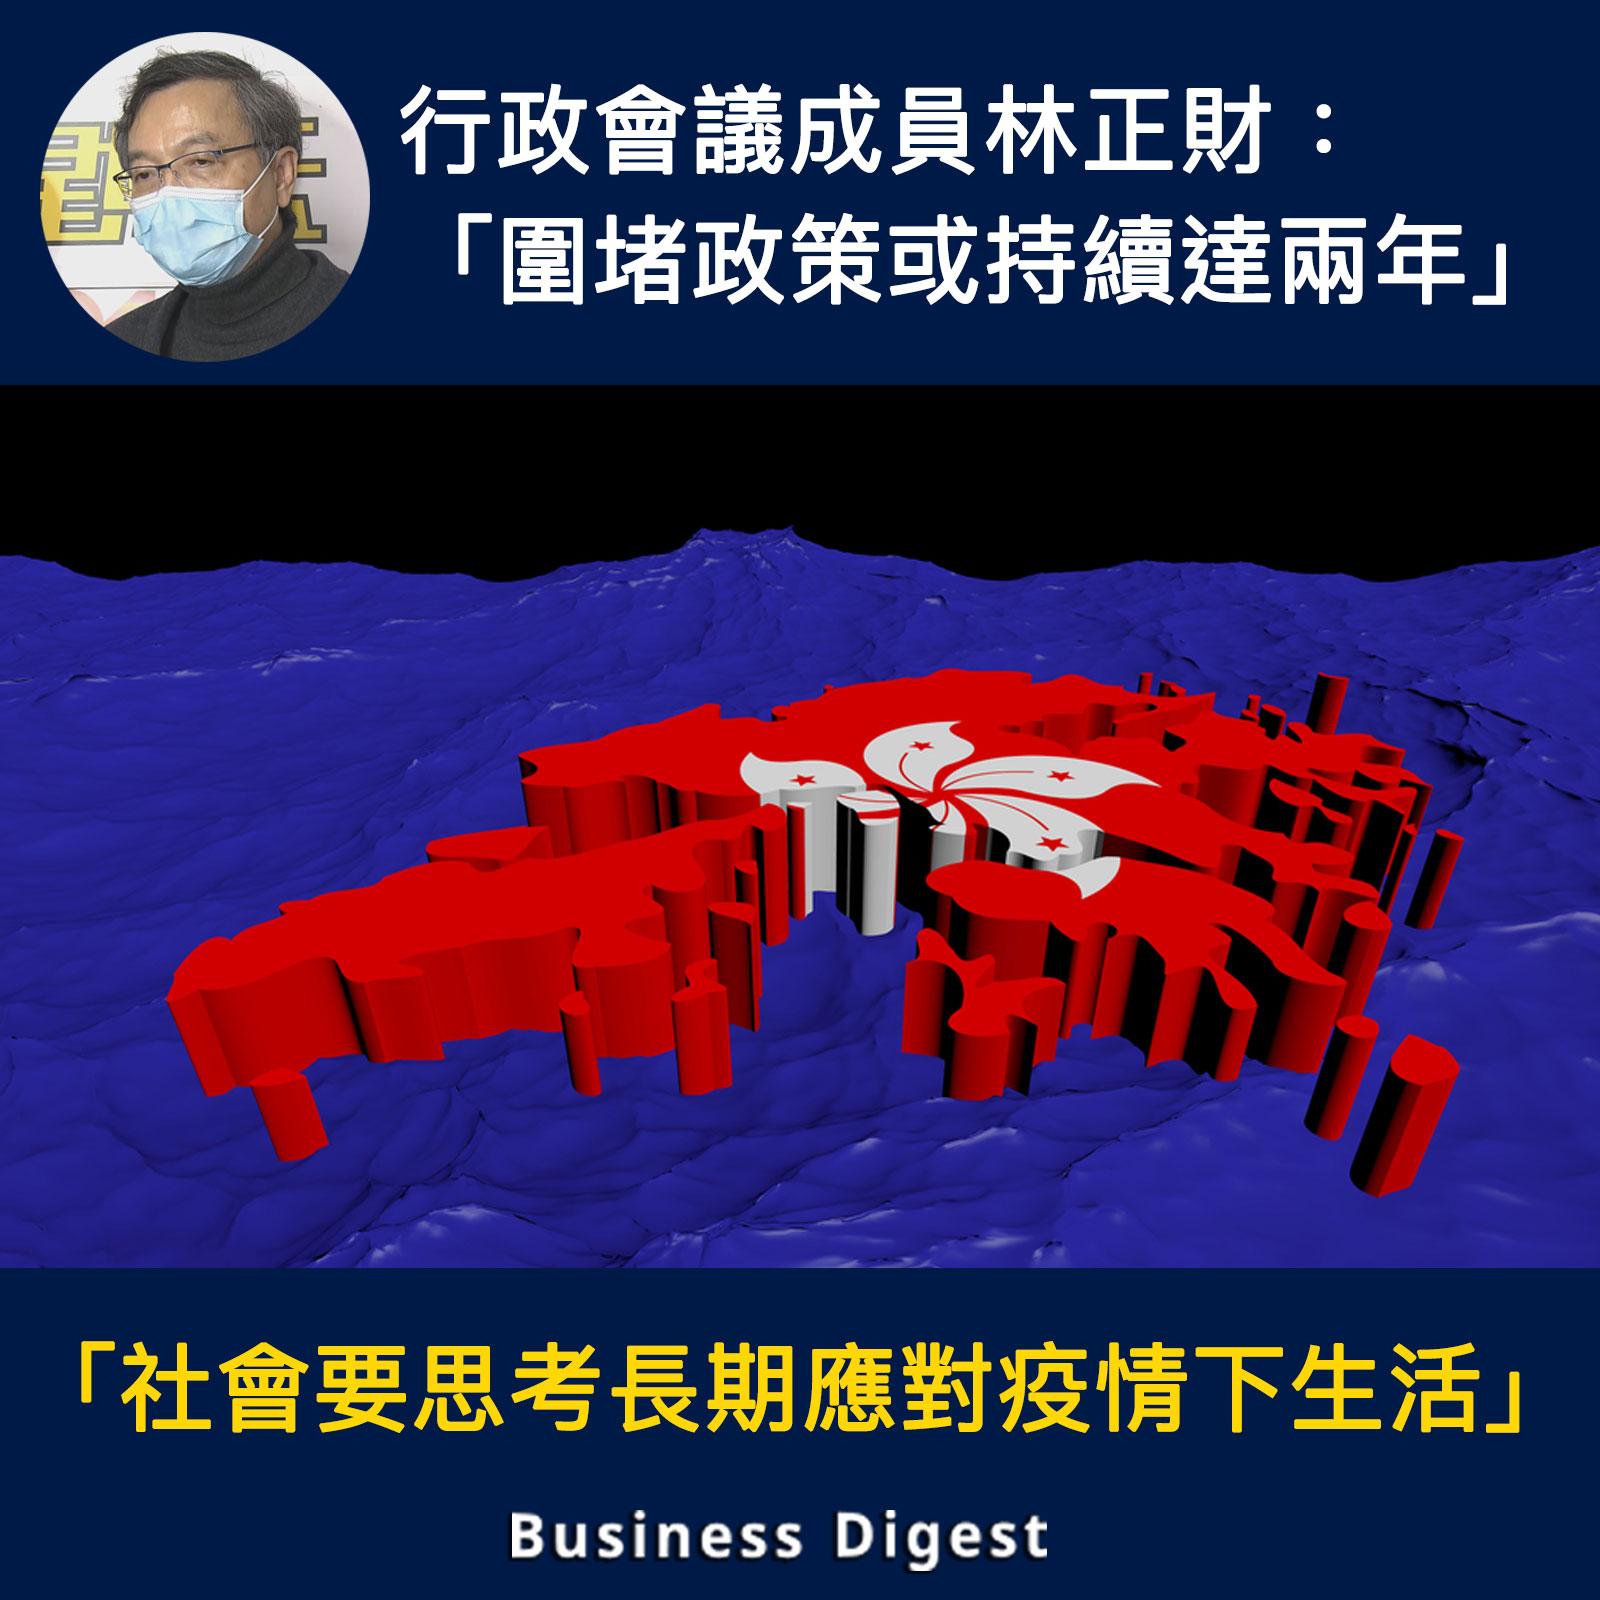 【武漢肺炎】行政會議成員林正財:「圍堵政策或持續達兩年」